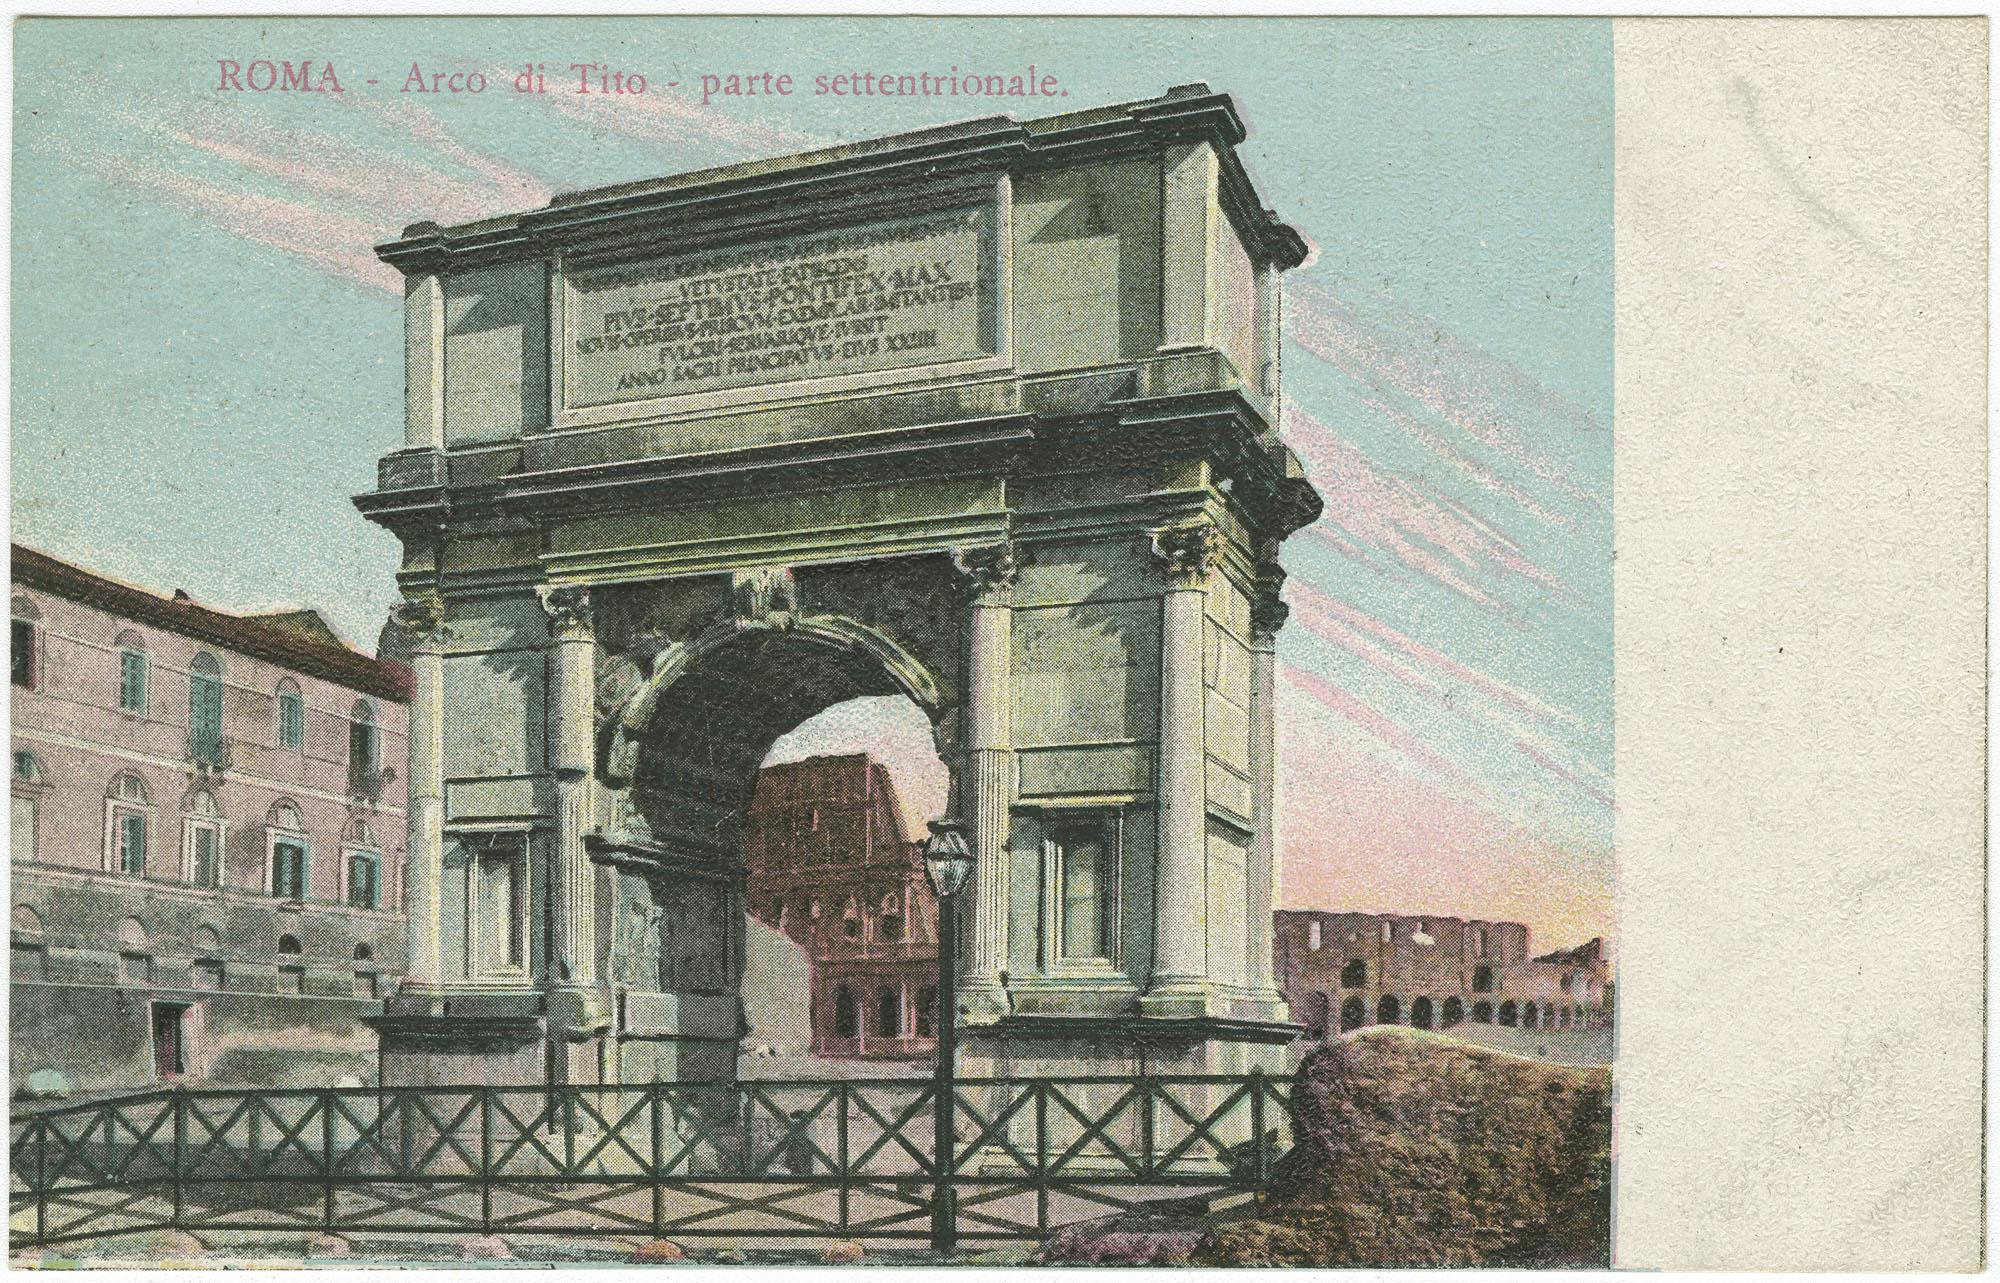 Roma - Arco di Tito - parte settentrionale